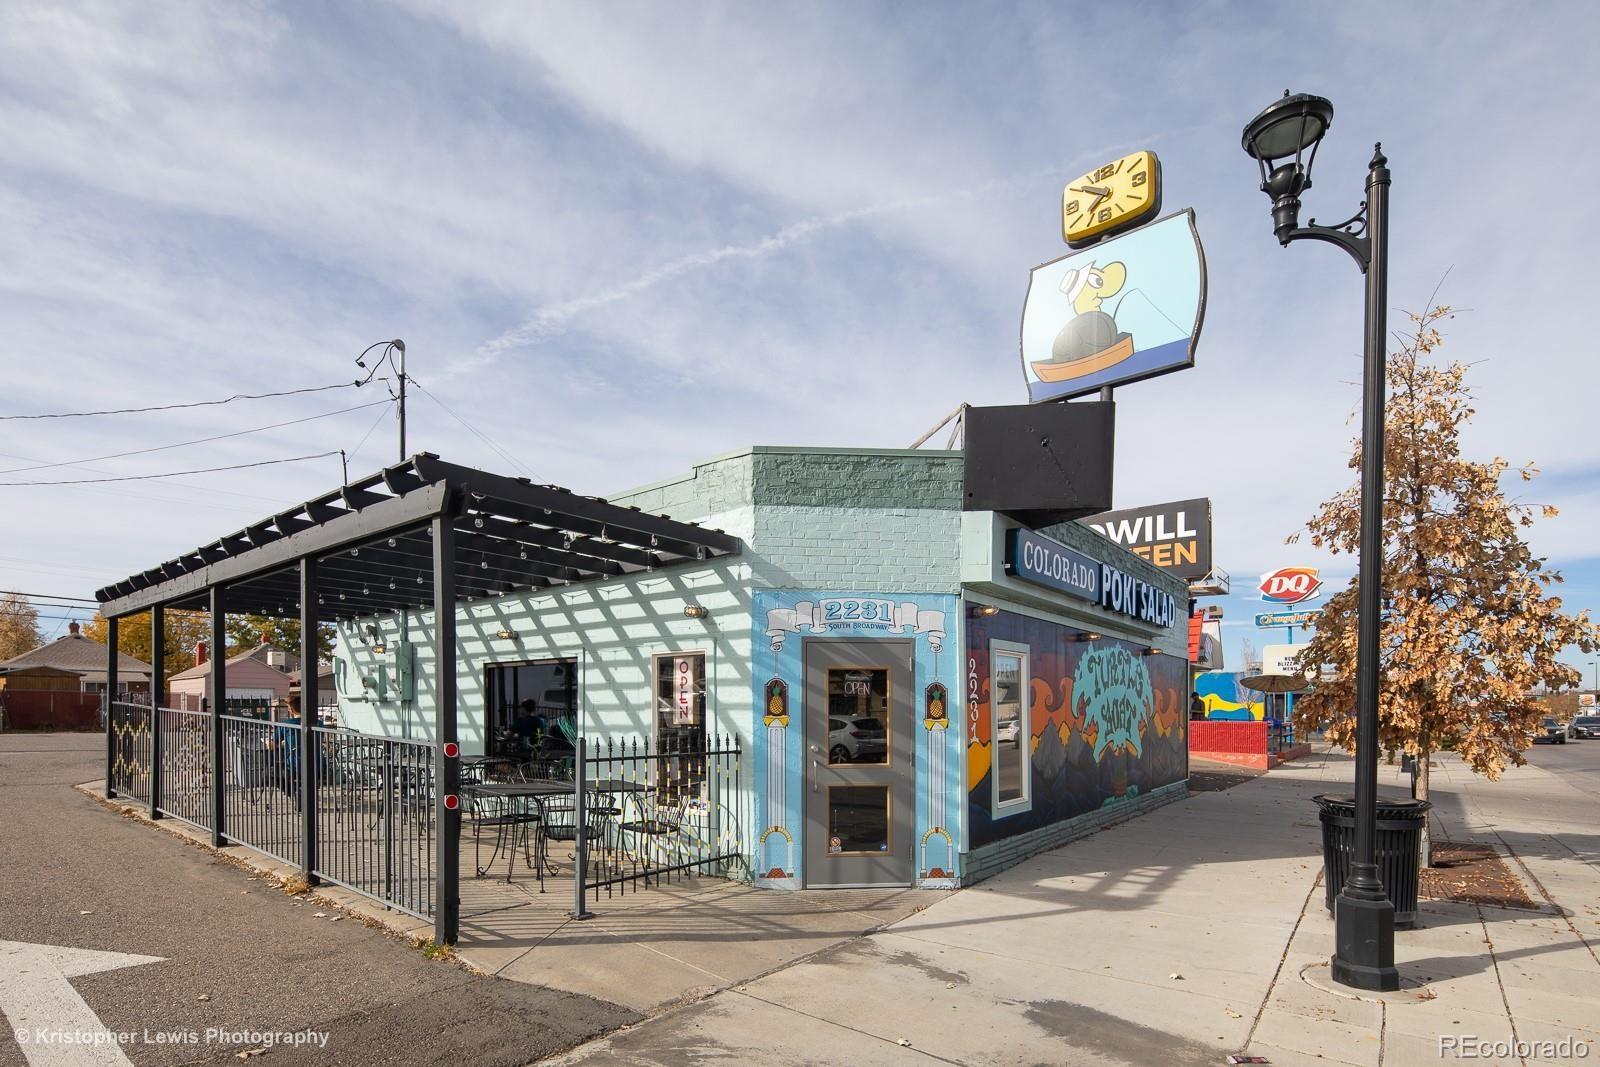 MLS# 8305602 - 22 - 1898 S Bannock Street #404, Denver, CO 80223